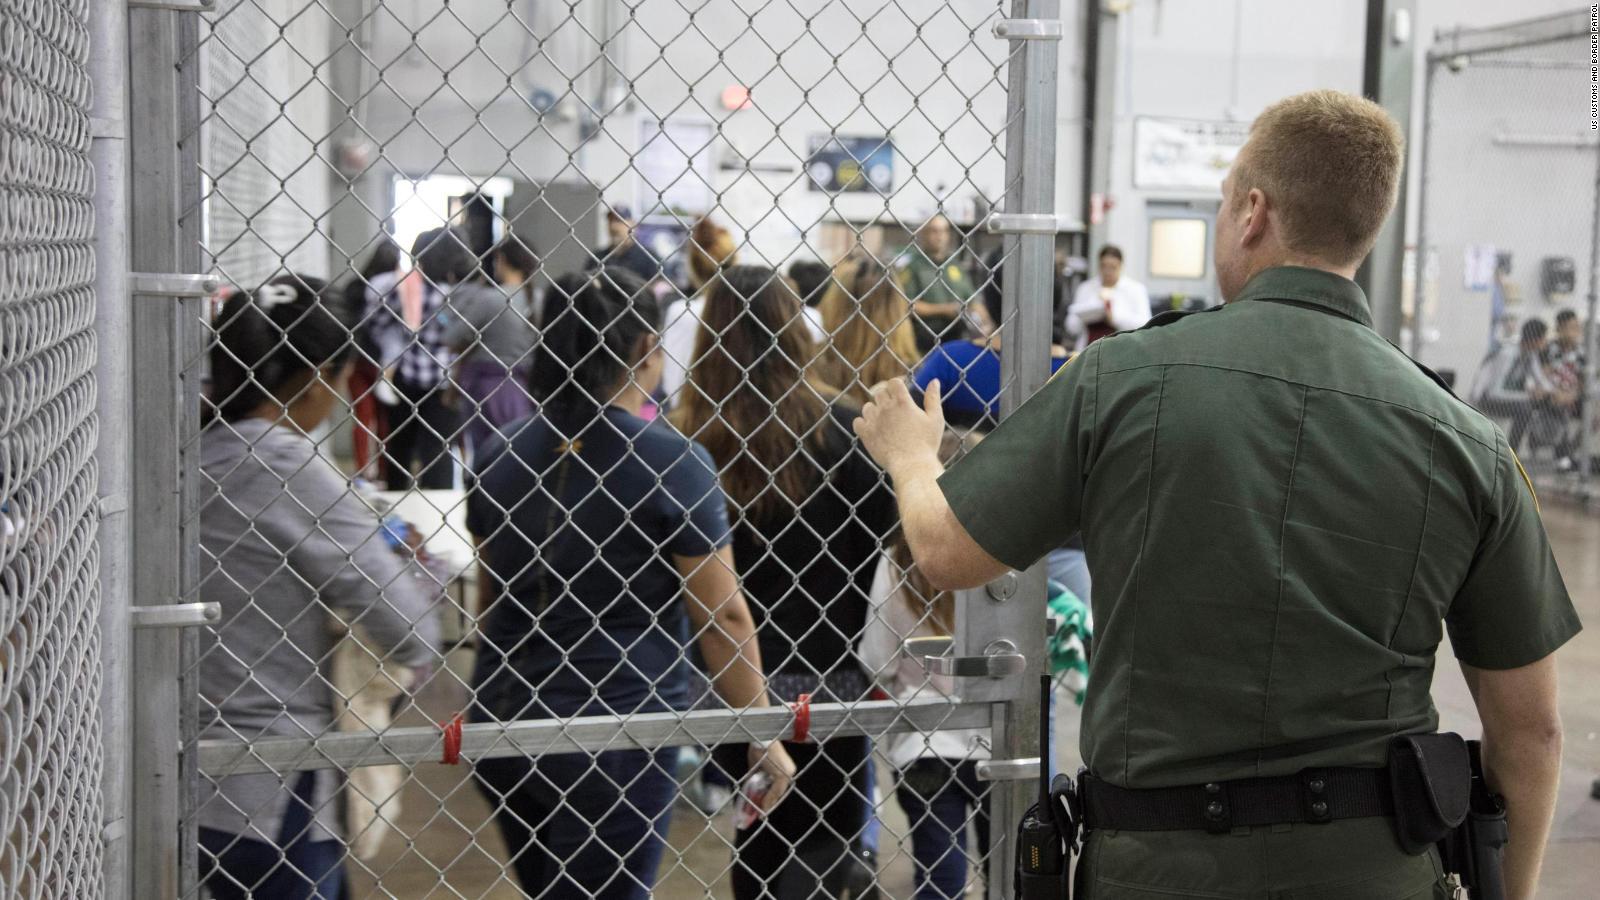 Centro de detención de migrantes en Virginia, nuevo foco de COVID-19 en EEUU